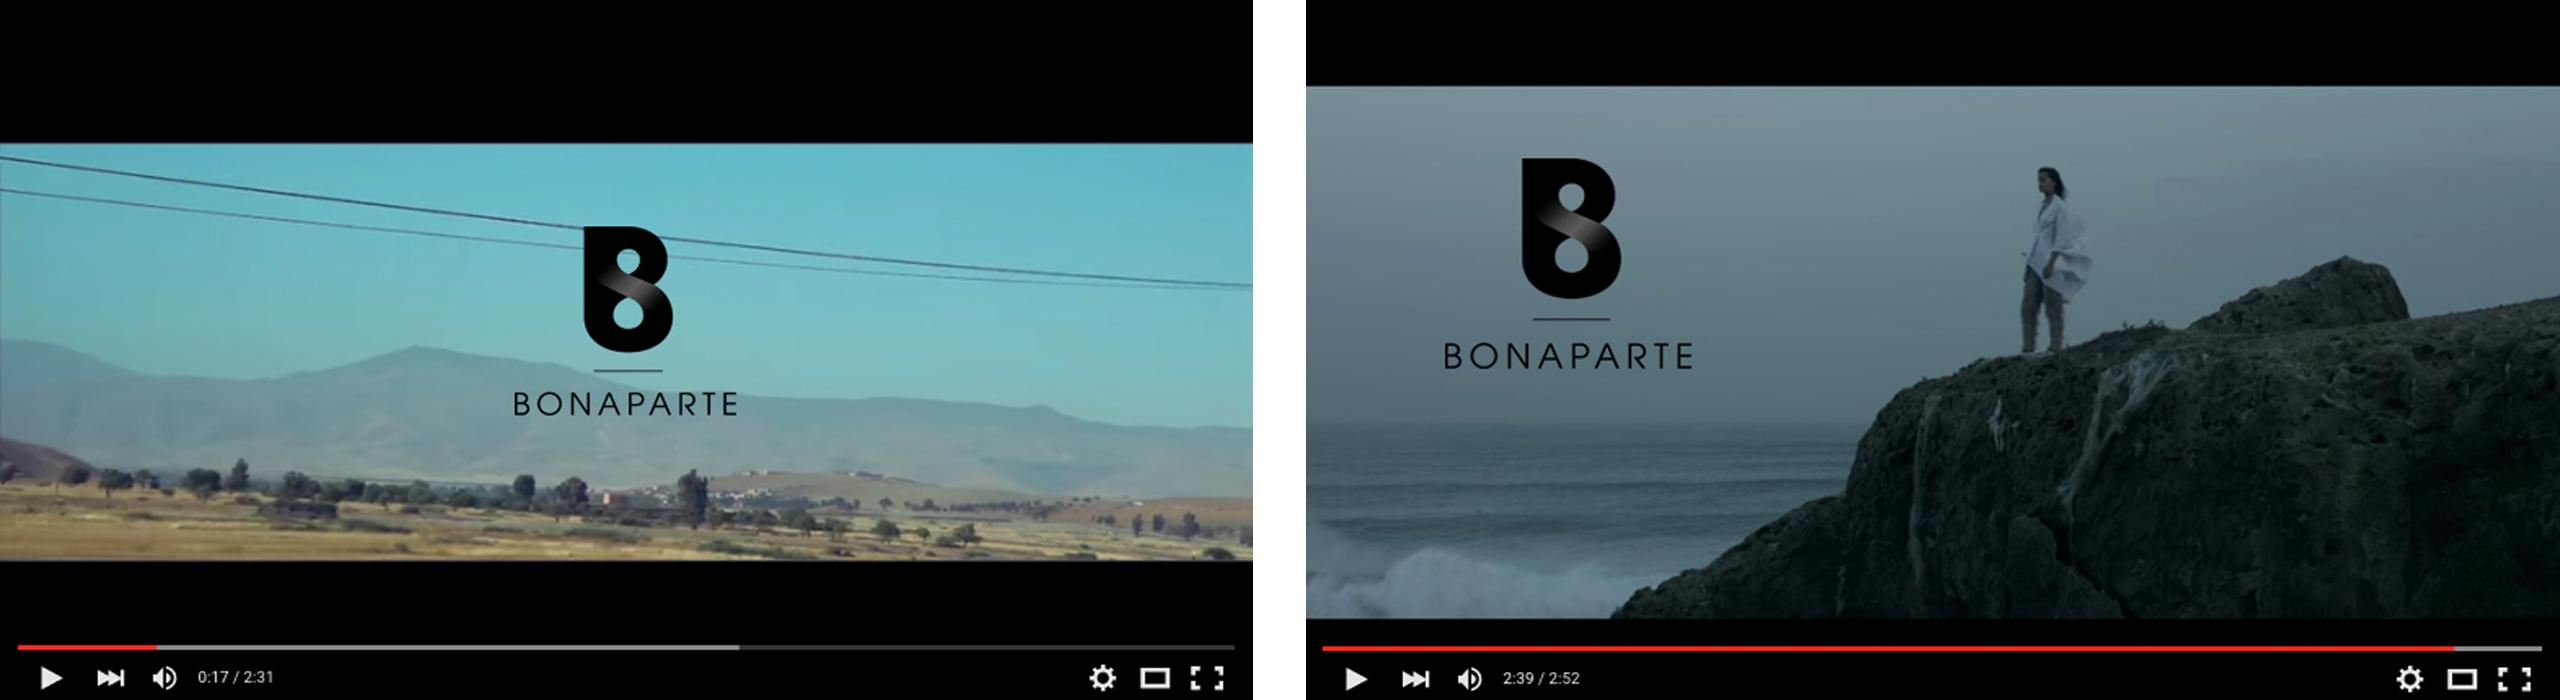 Logo Bonaparte, réalisation vidéo sur extrait video youtube